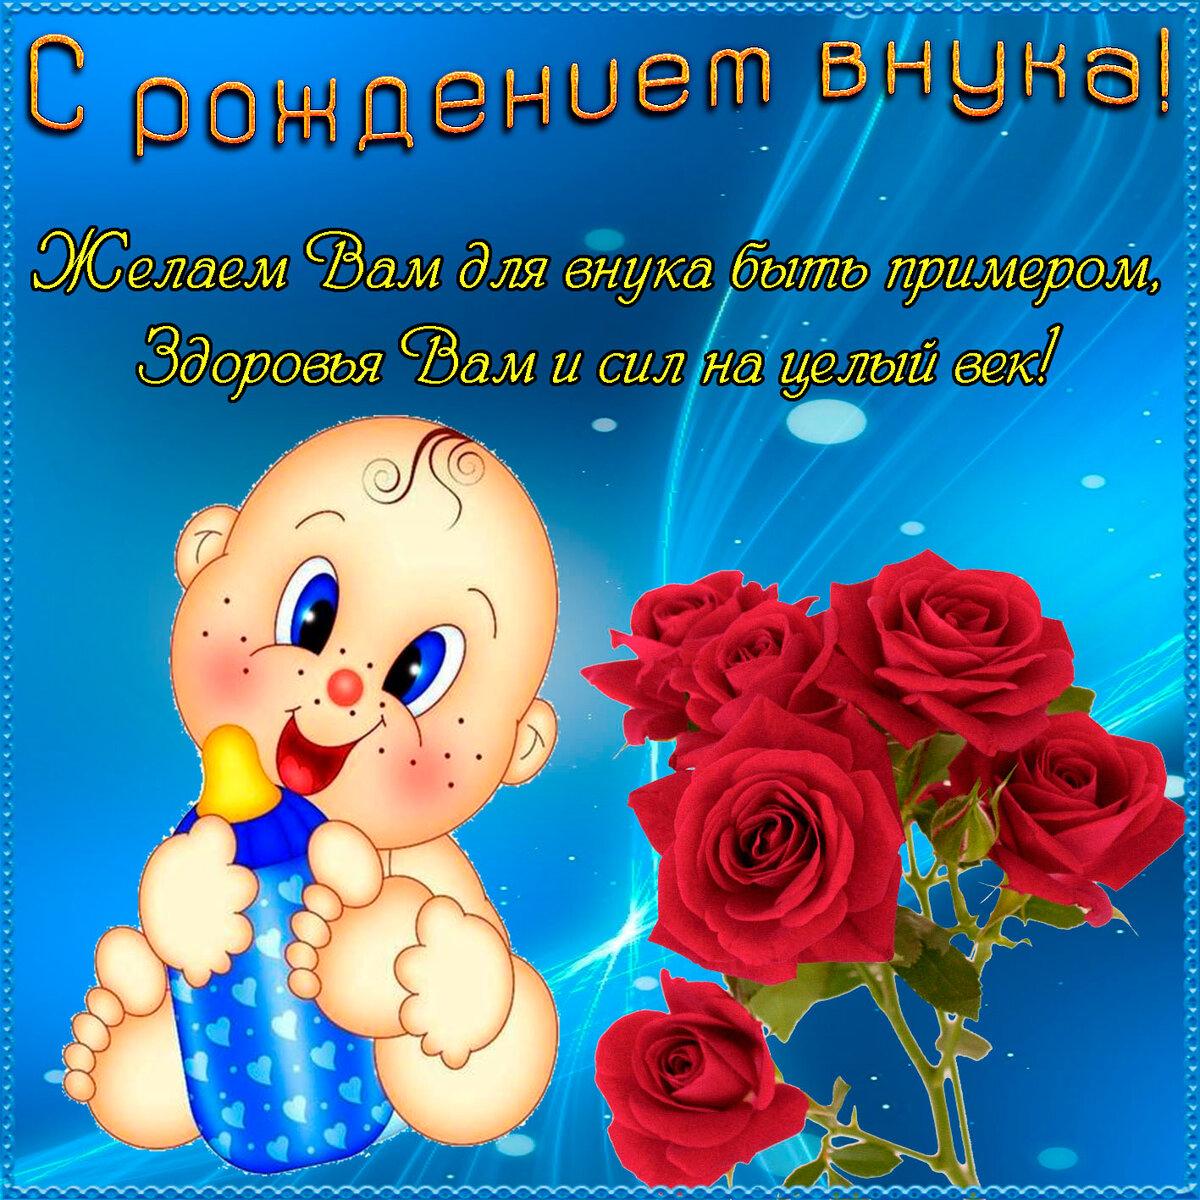 Поздравление, открытки с рождением внука яндекс